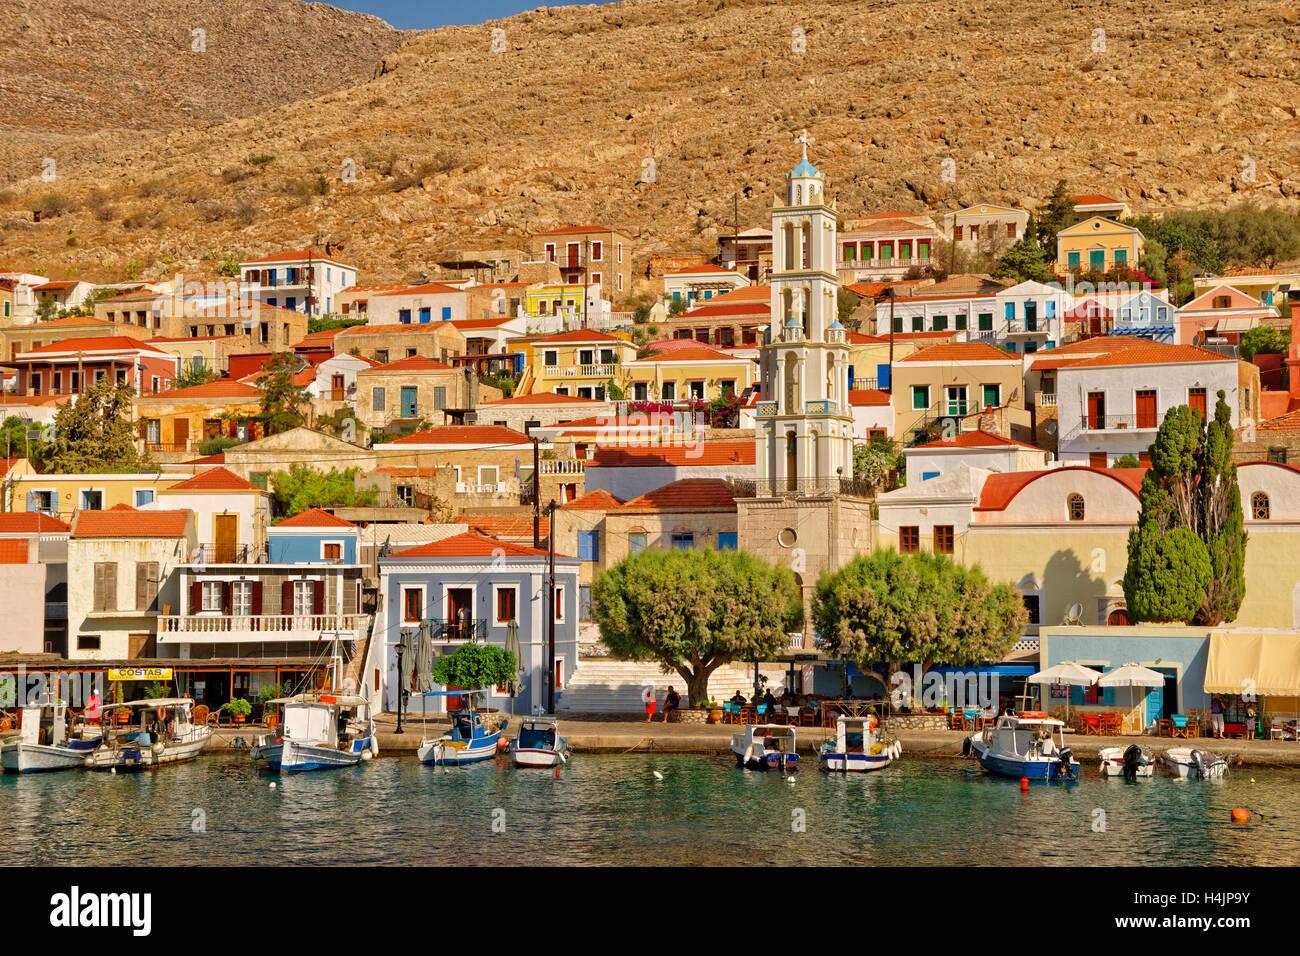 Di chalki città sull'isola greca di Chalki situate al largo della costa nord di Rodi nel dodecaneso isola Immagini Stock